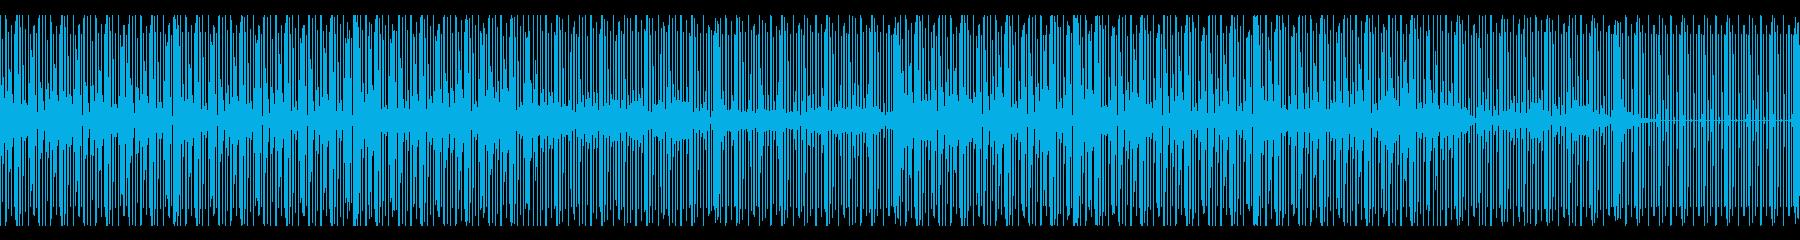 Vlog!おしゃれキラキラpopの再生済みの波形